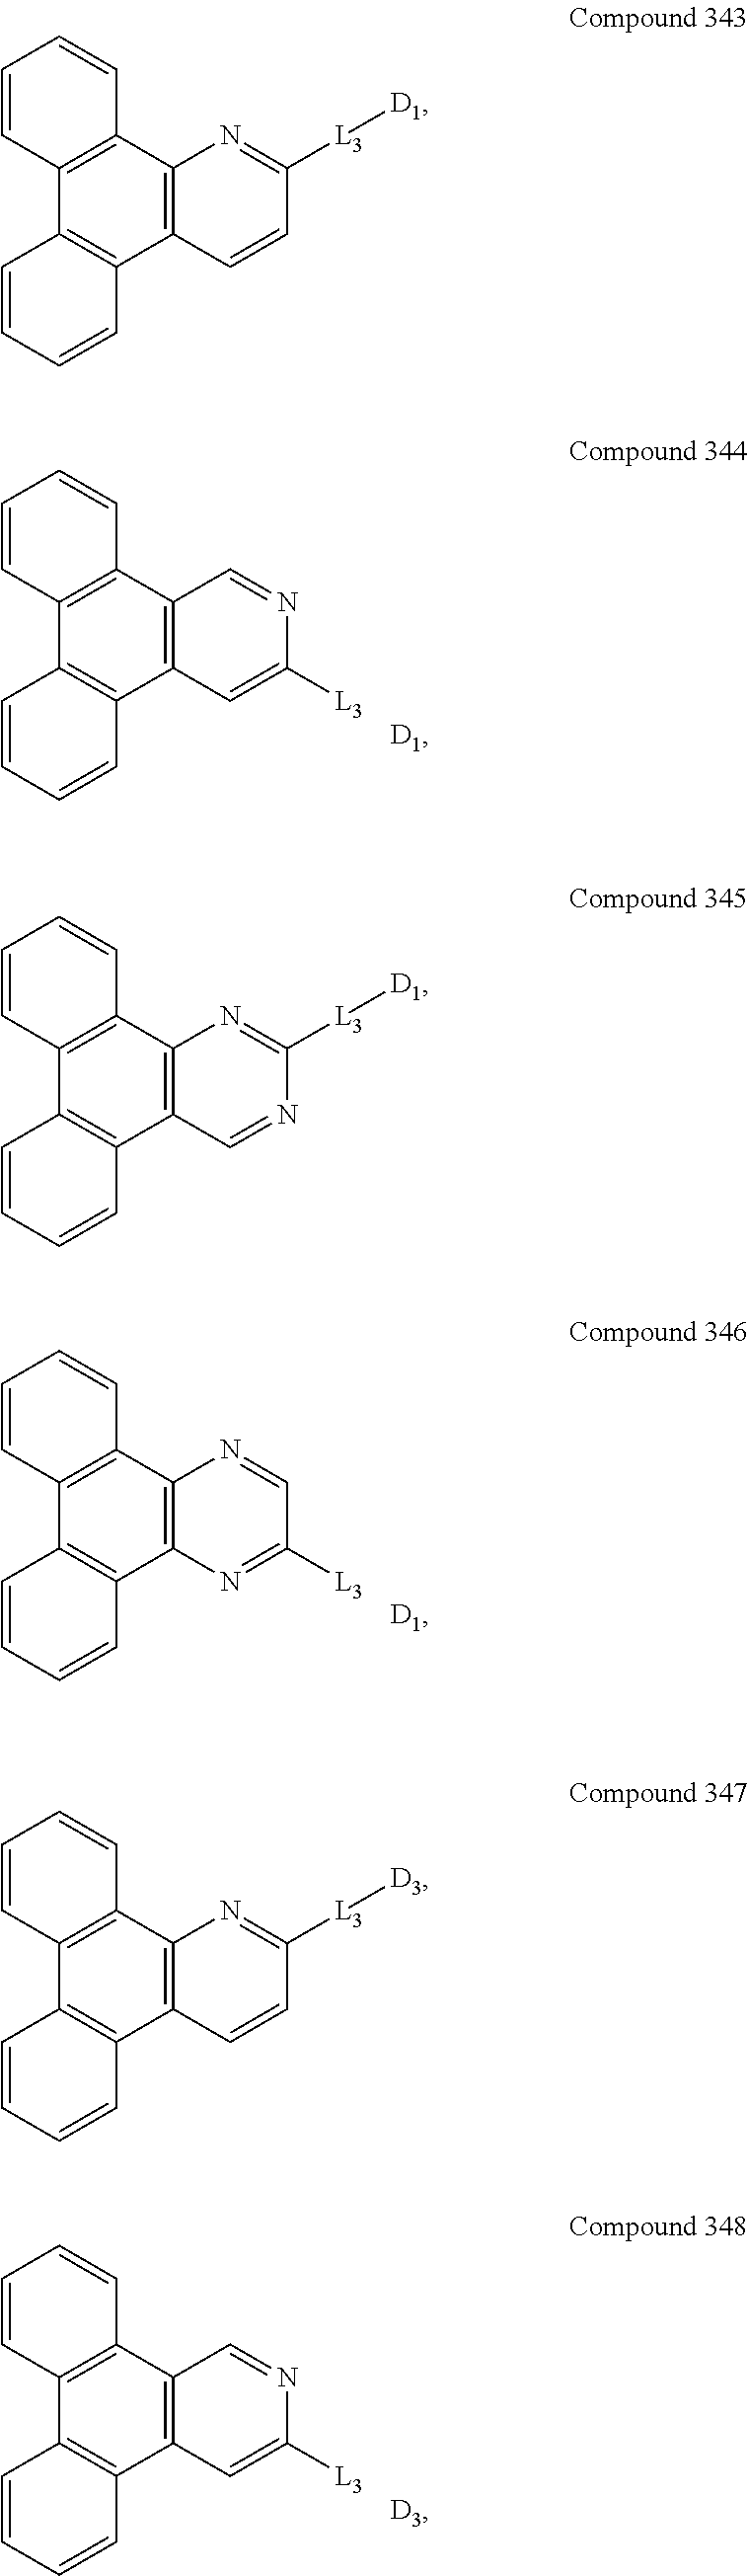 Figure US09537106-20170103-C00097